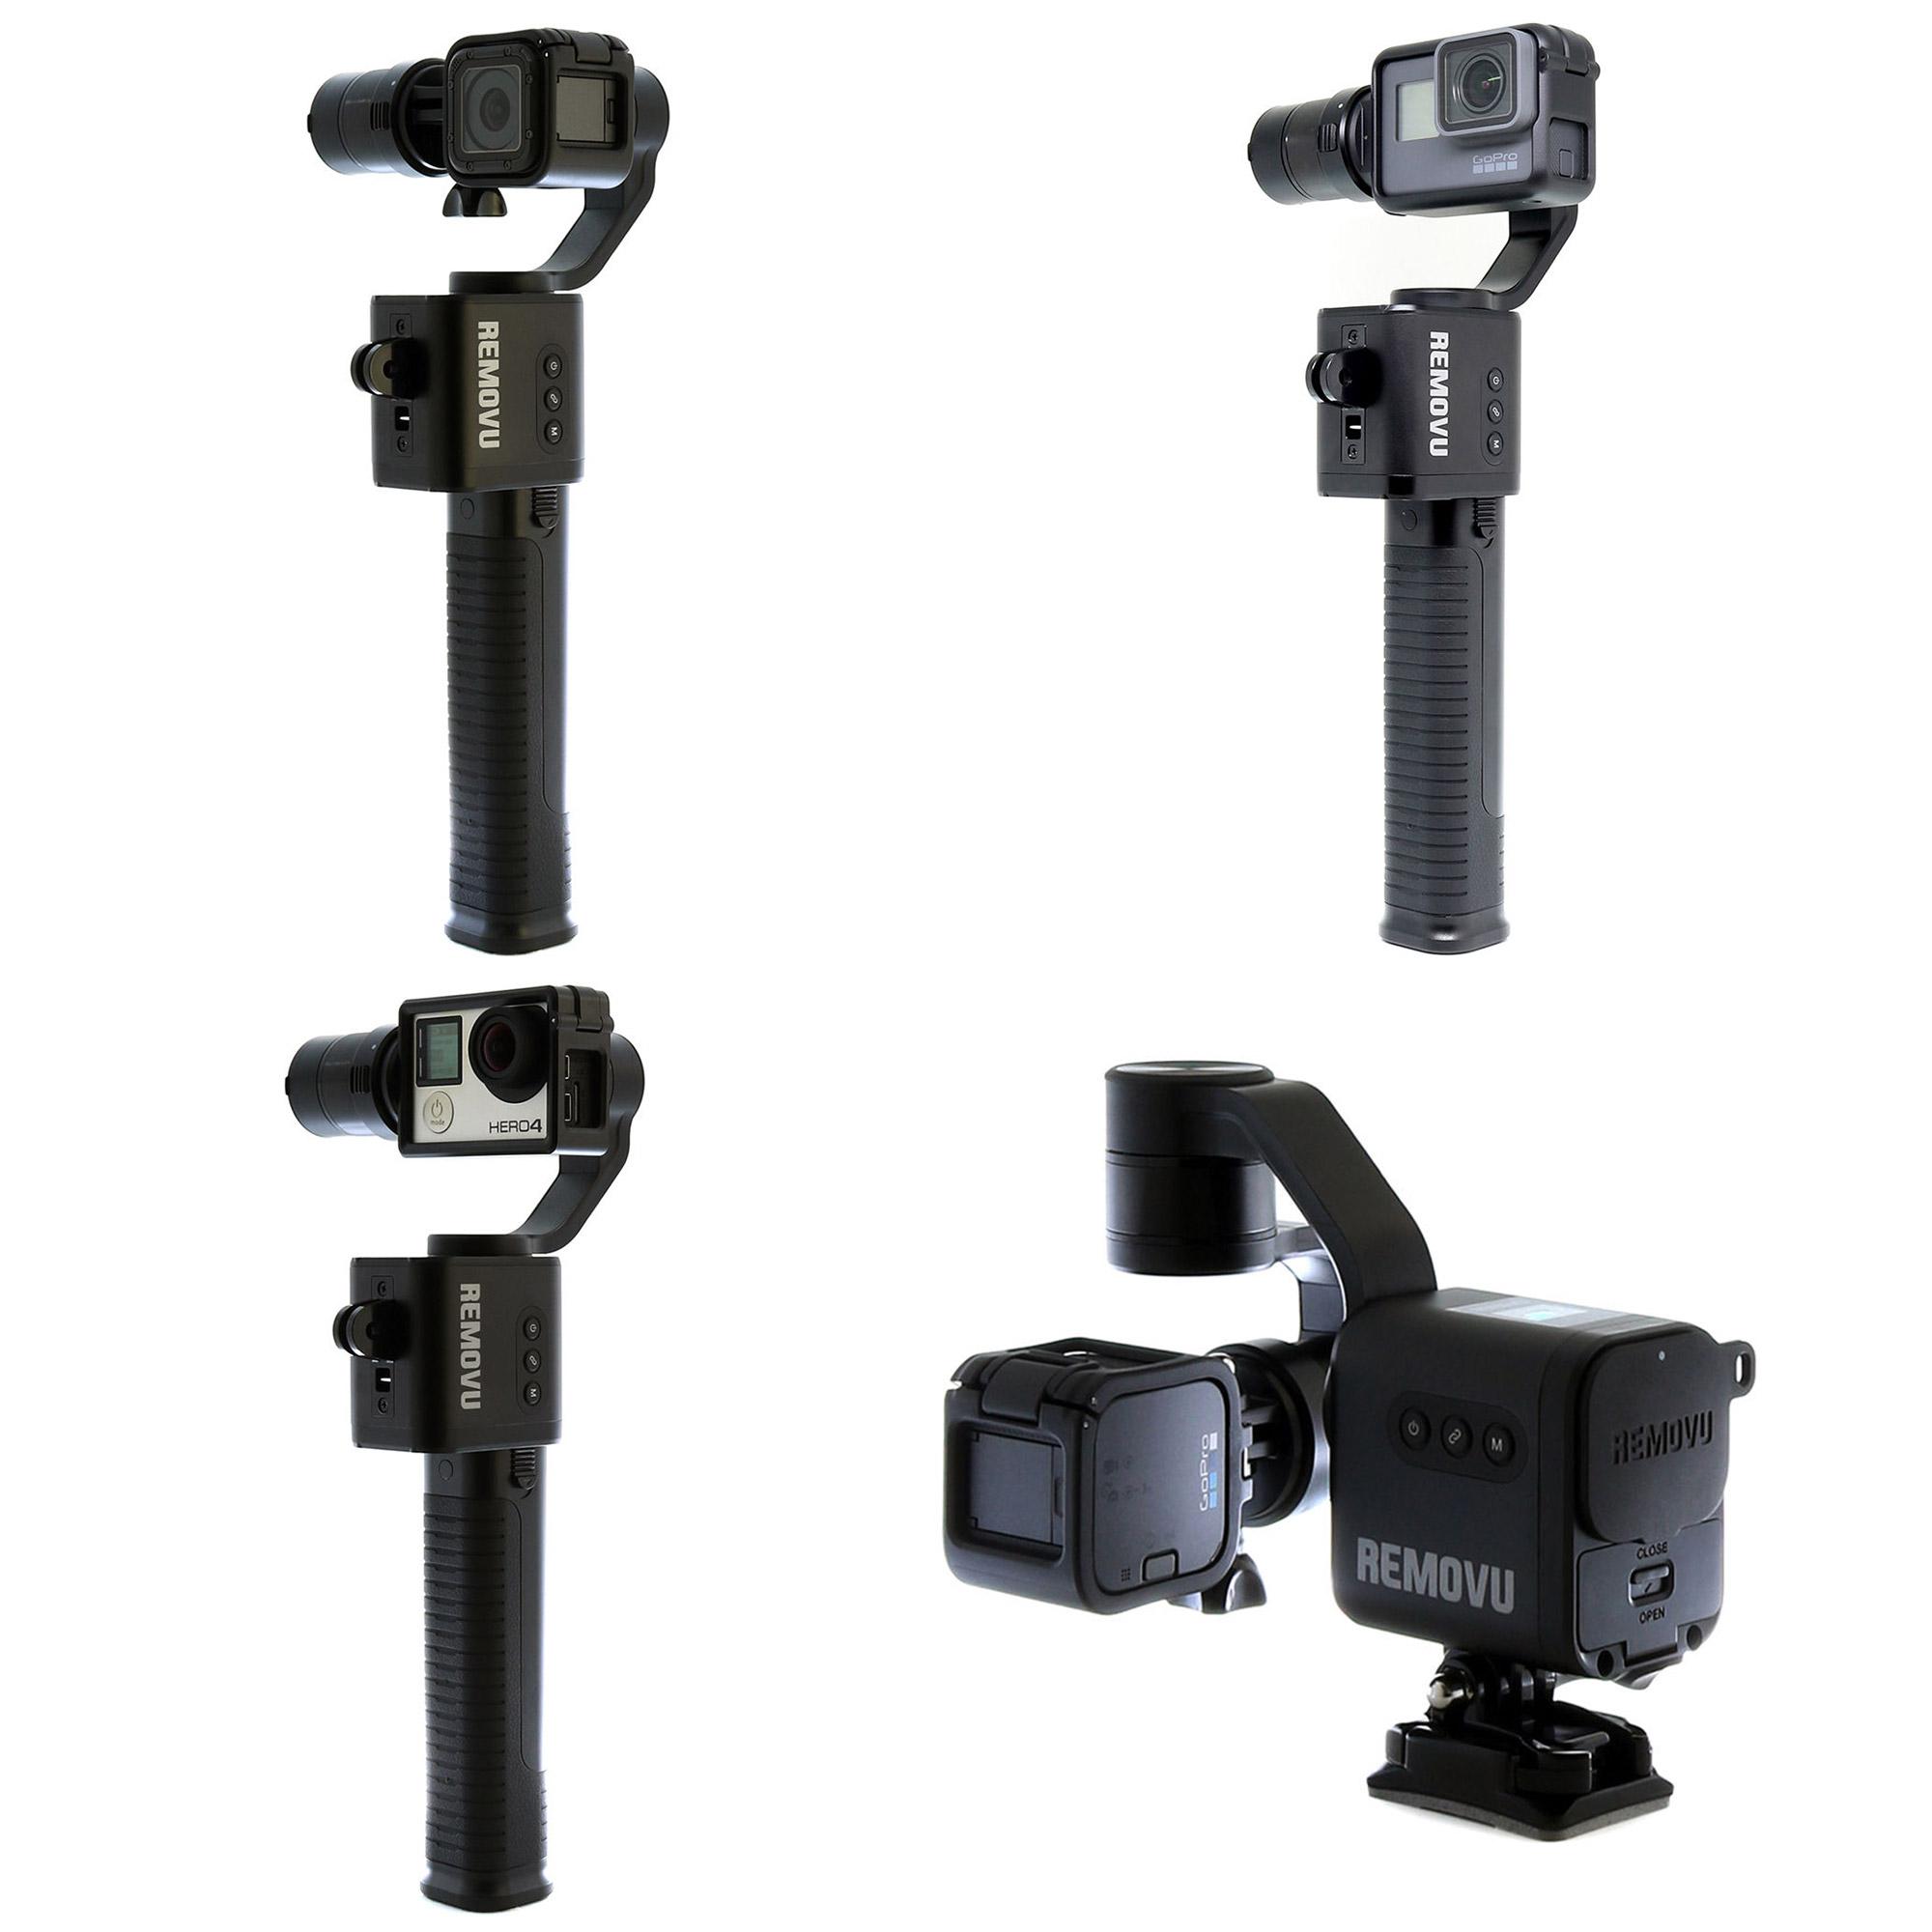 Removu-s1-compatibble-cameras-01